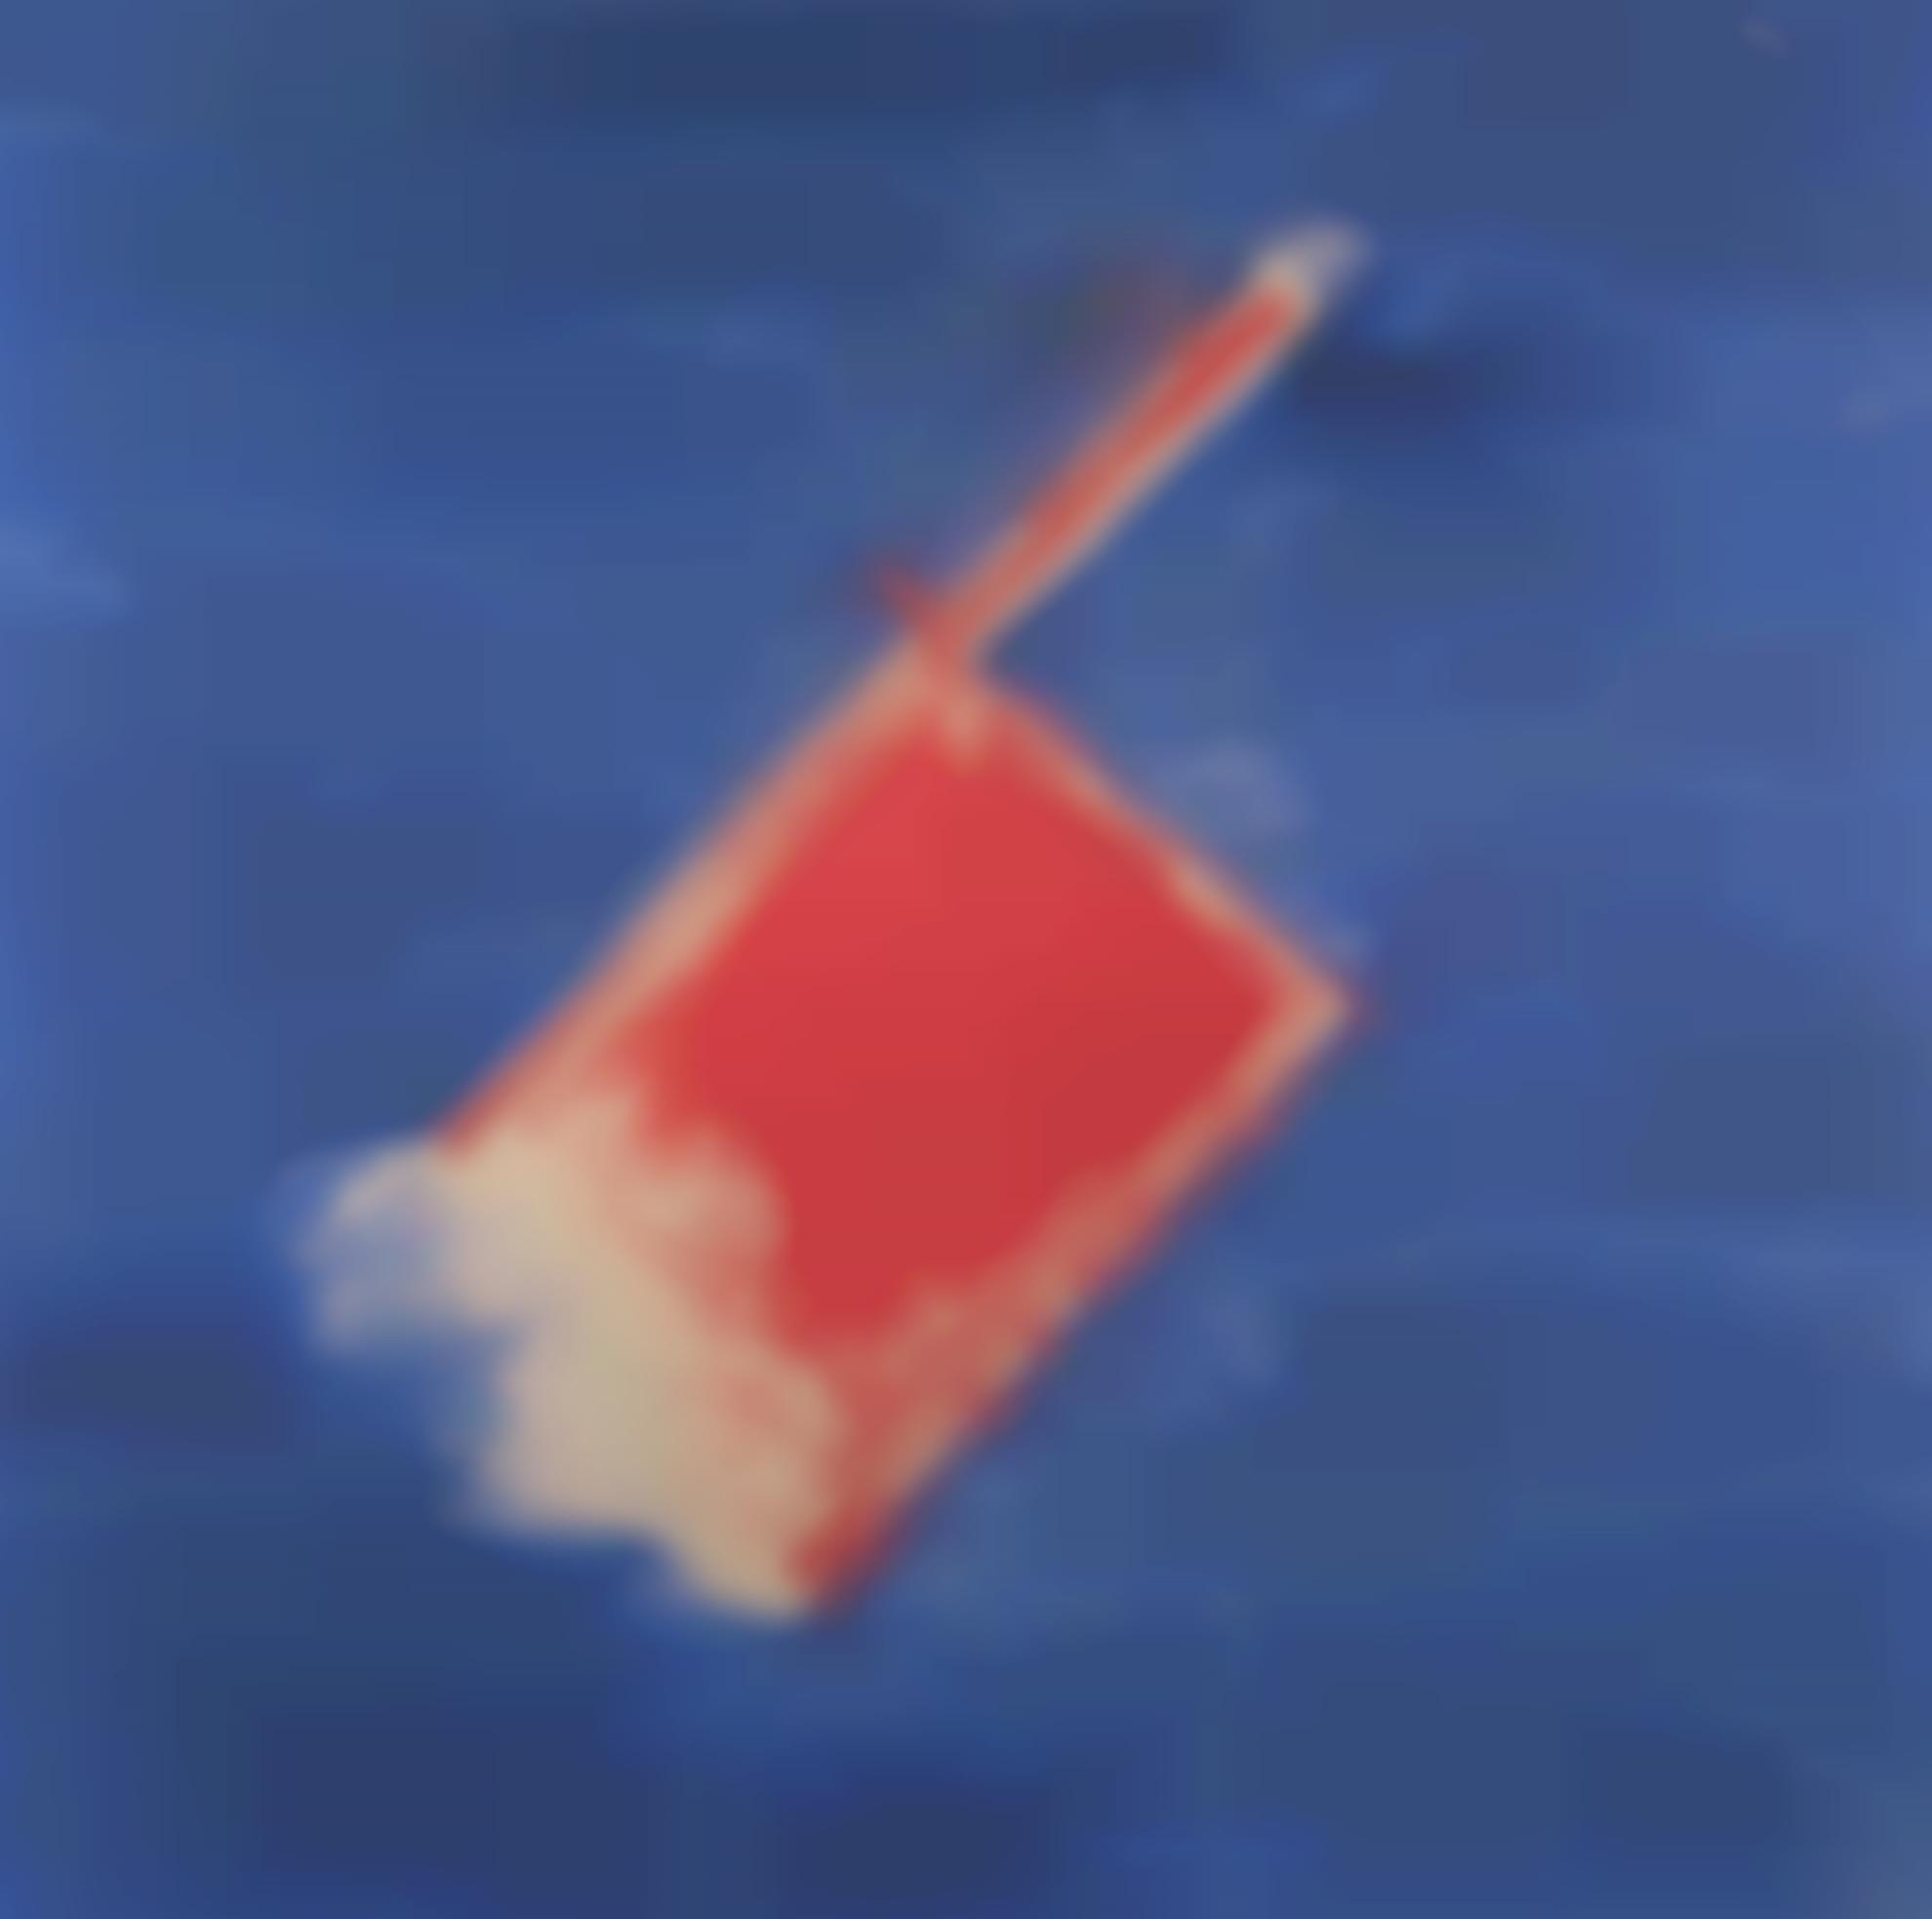 Cathy Josefowitz-Untitled-1994